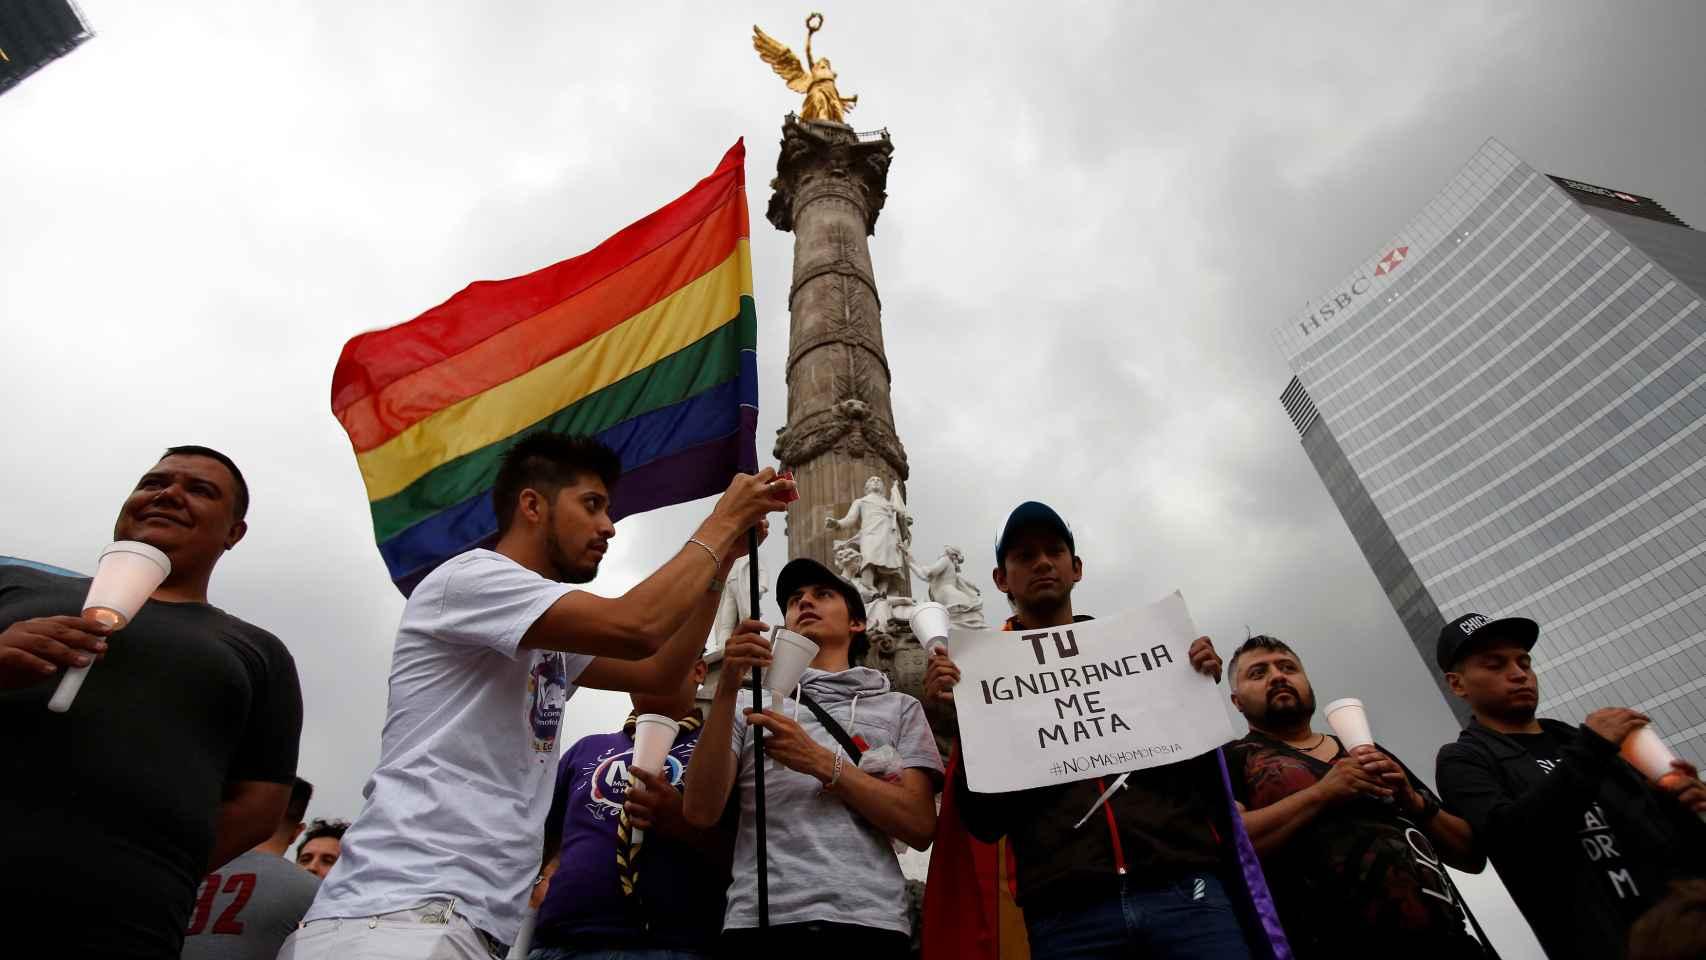 Miembros de la comunidad LGTB muestran su apoyo a las víctimas de Orlando